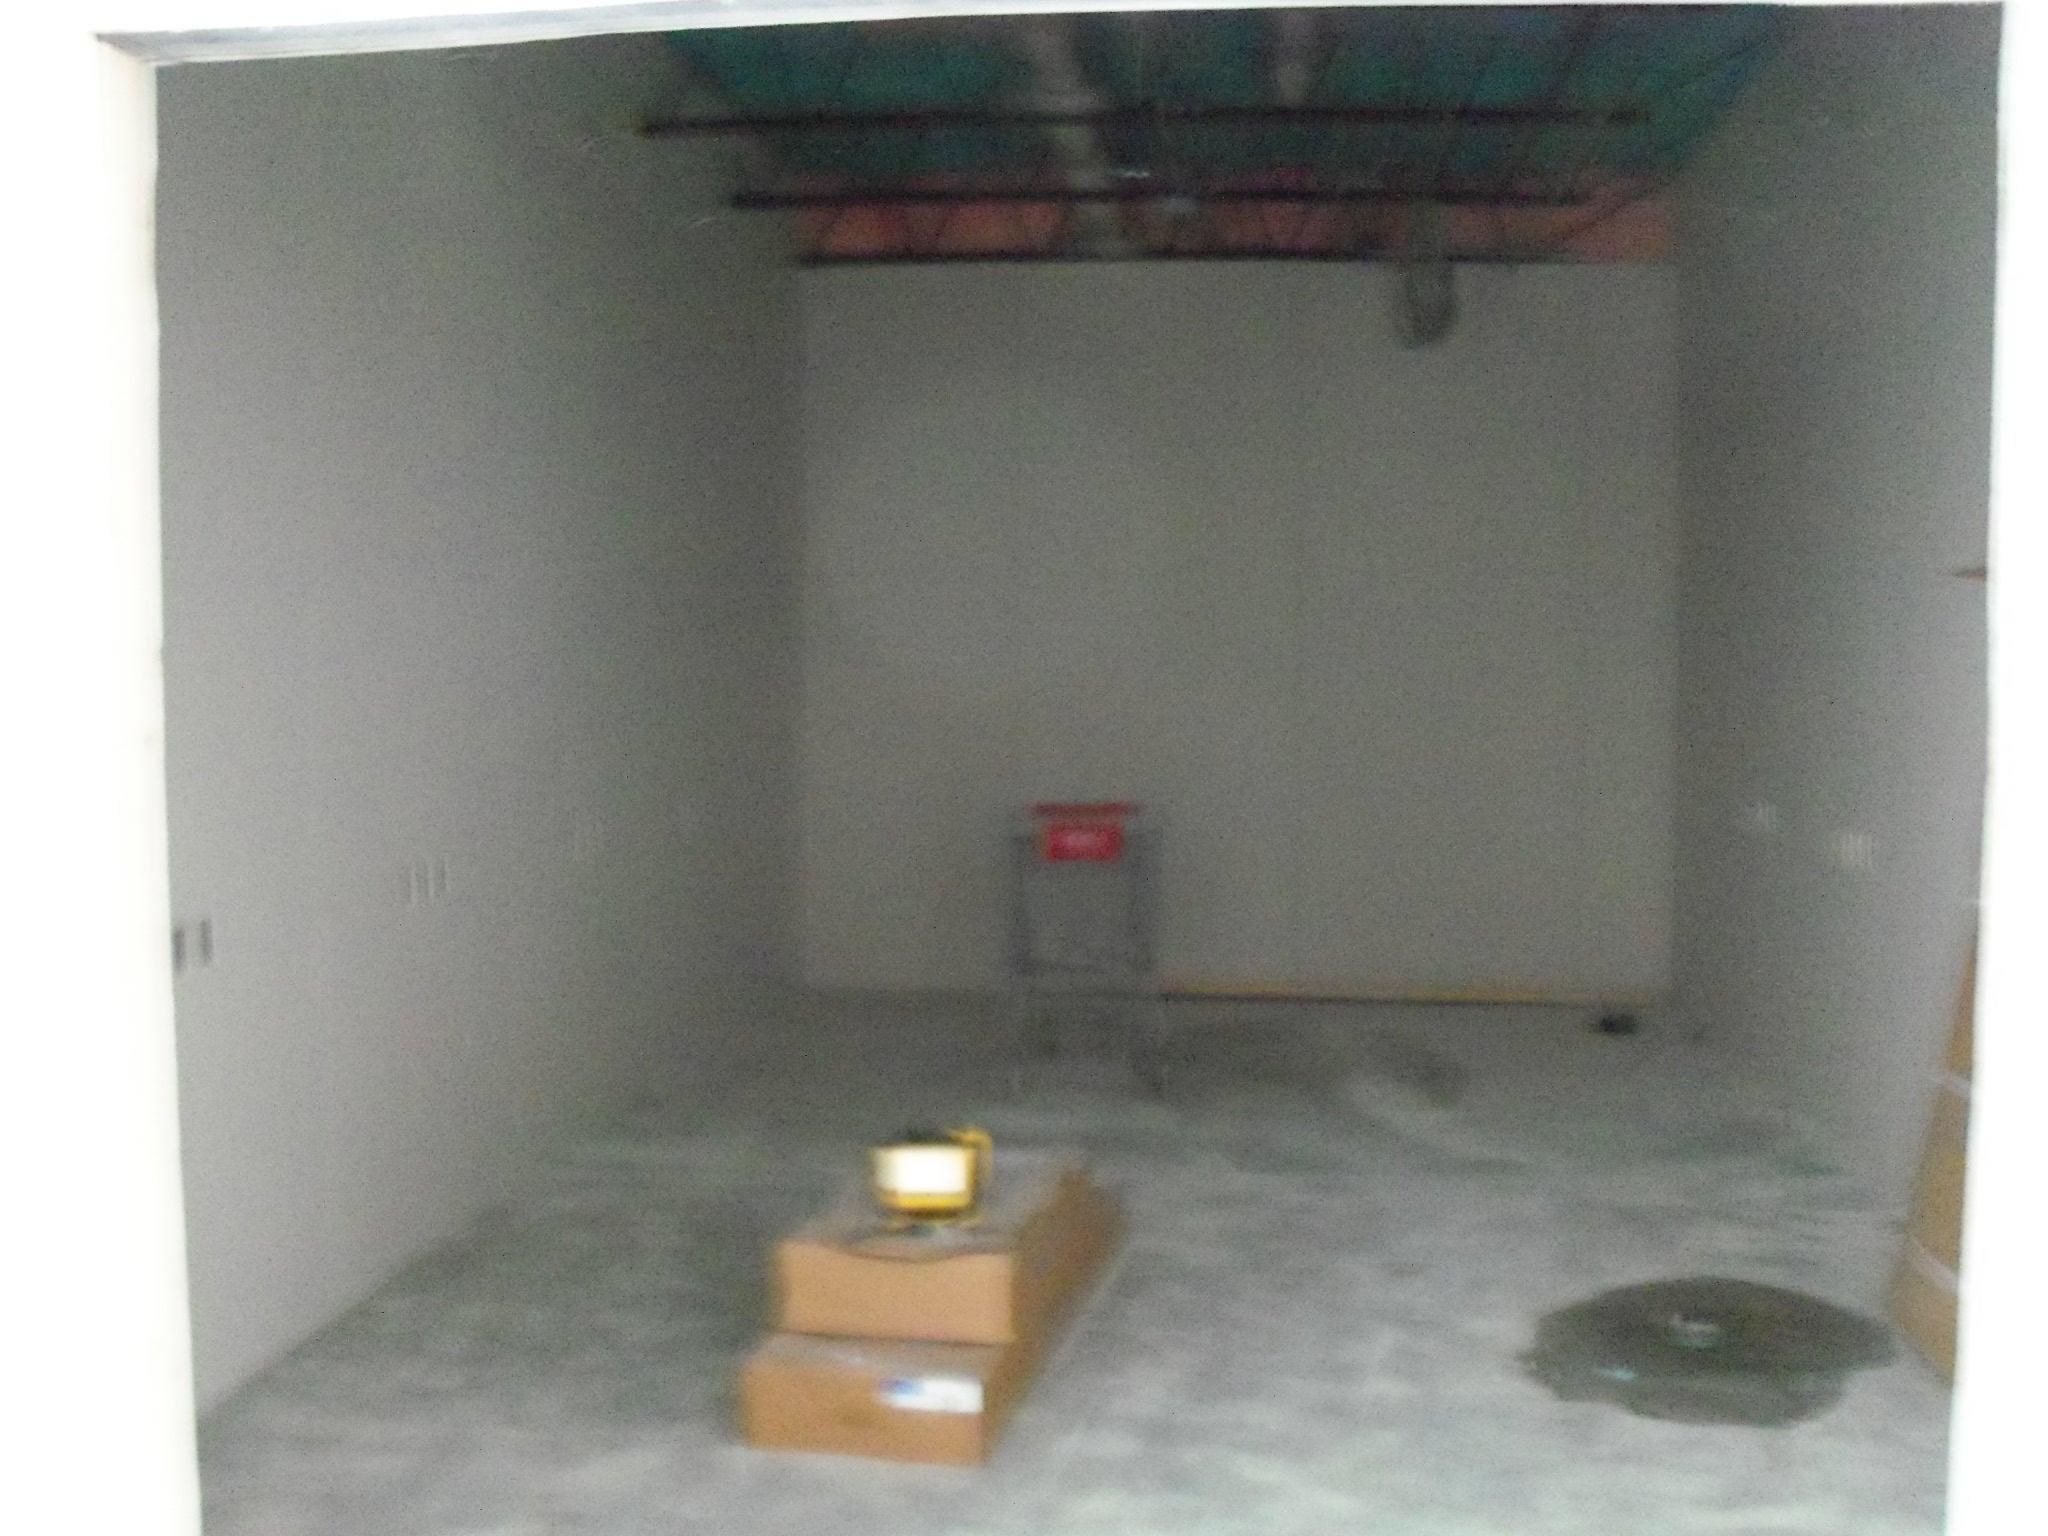 2009-03-03 09.14.14.jpg